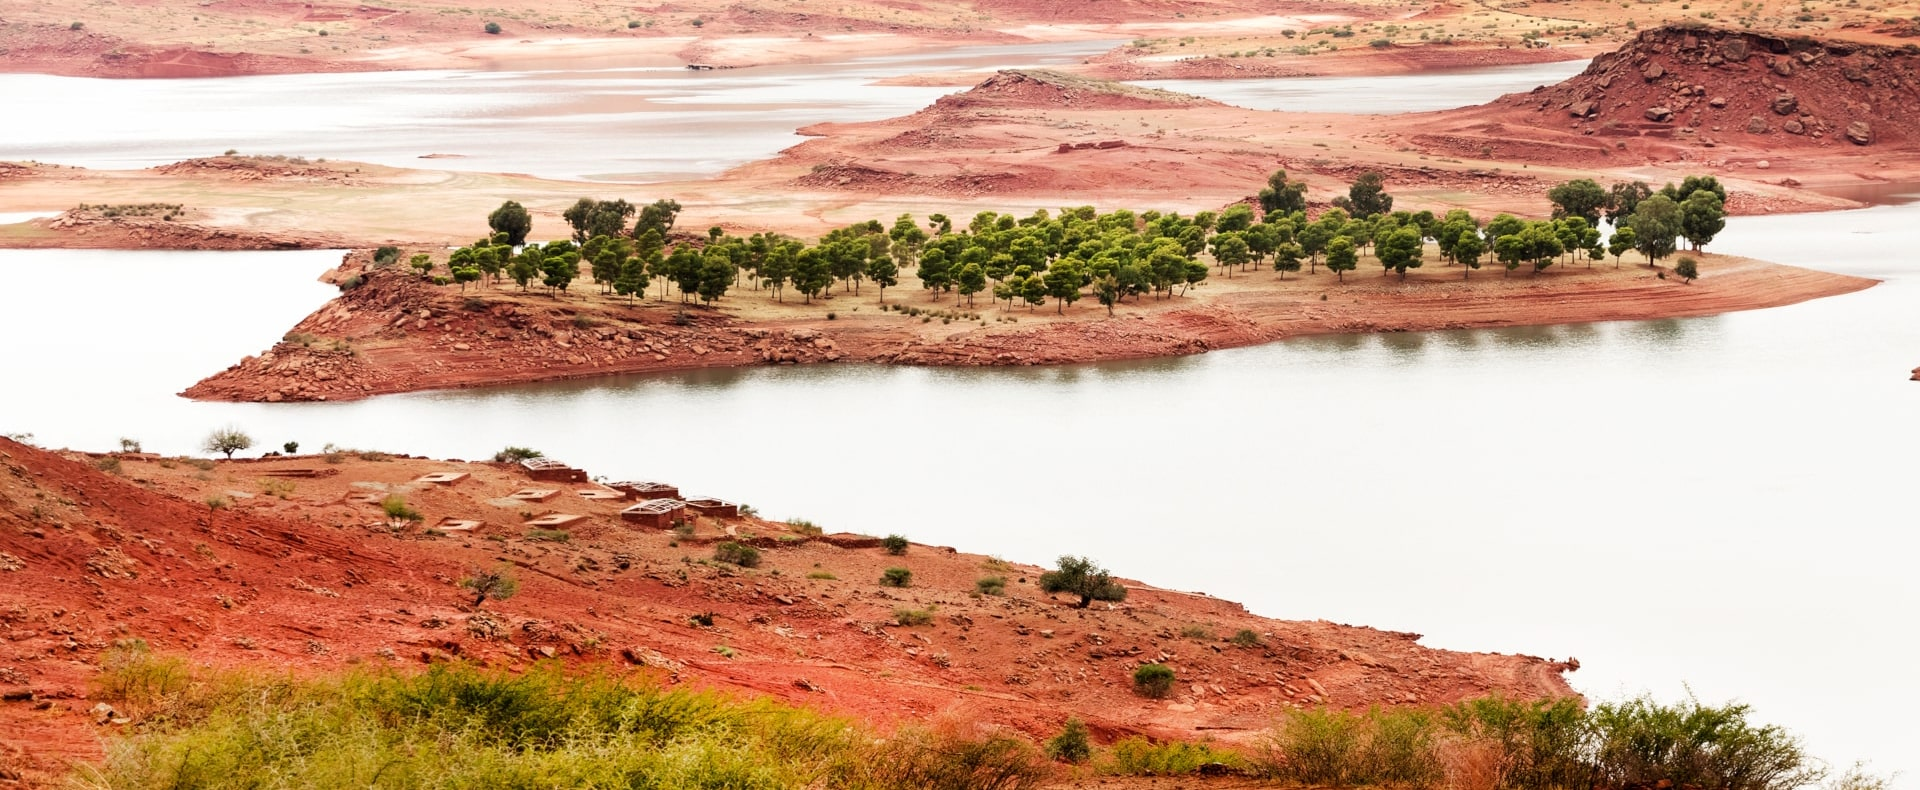 Bin El Ouidane, Morocco